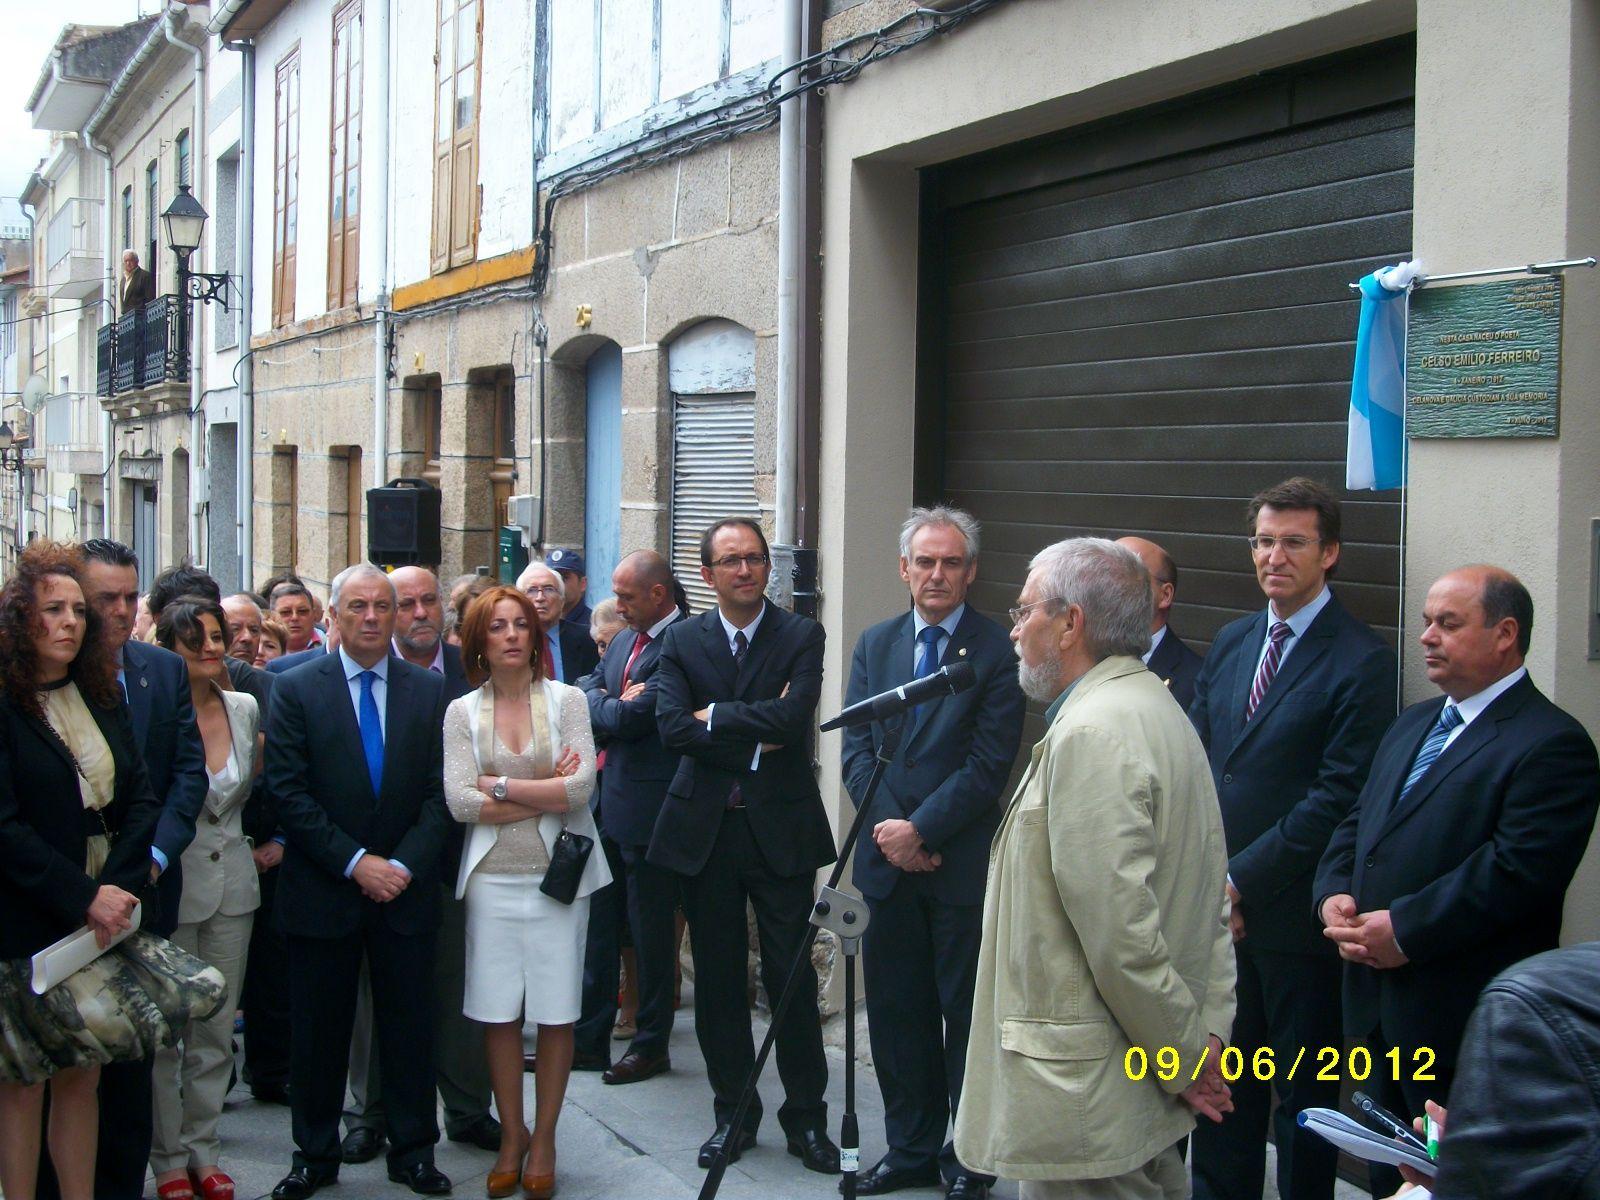 Homenaje Curros Enriques, Celanova